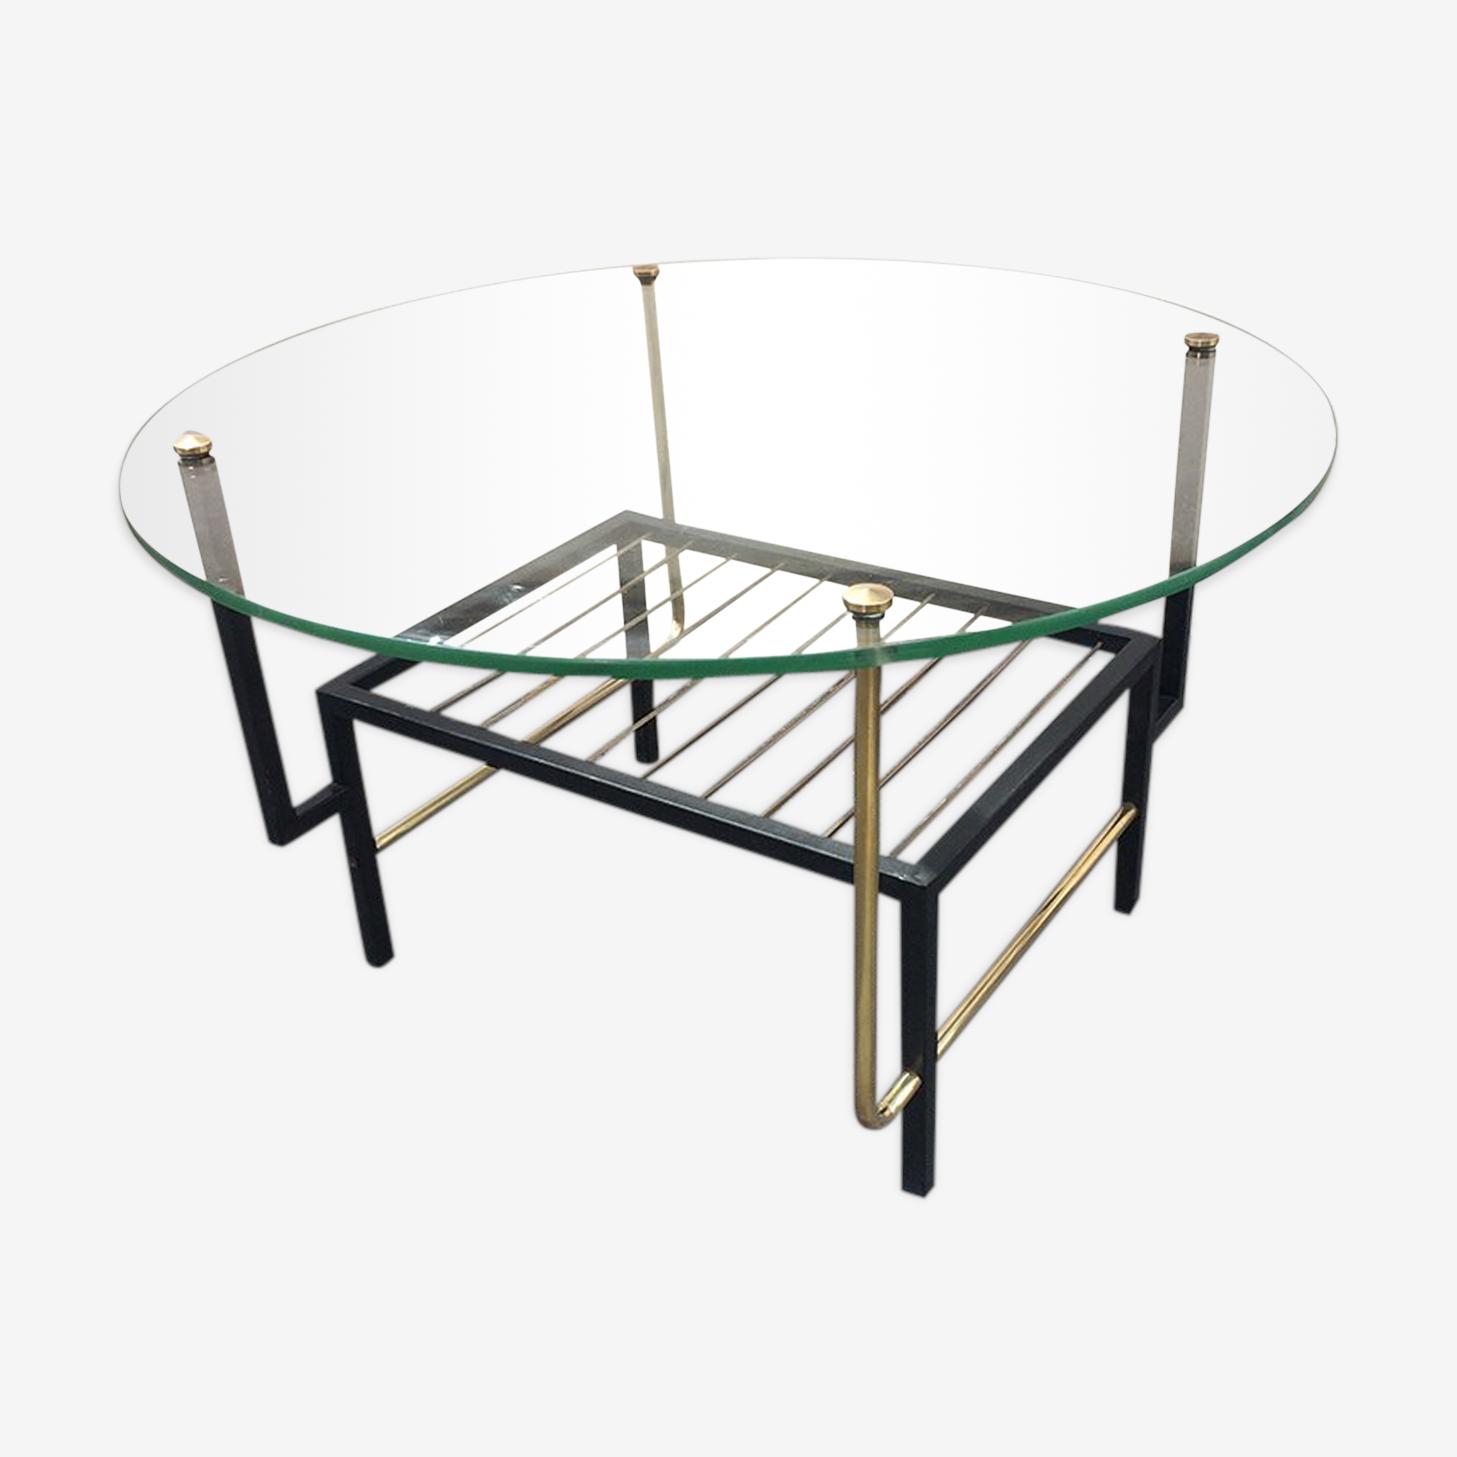 Table basse ronde plateau en verre pieds métal asymétriques 1960